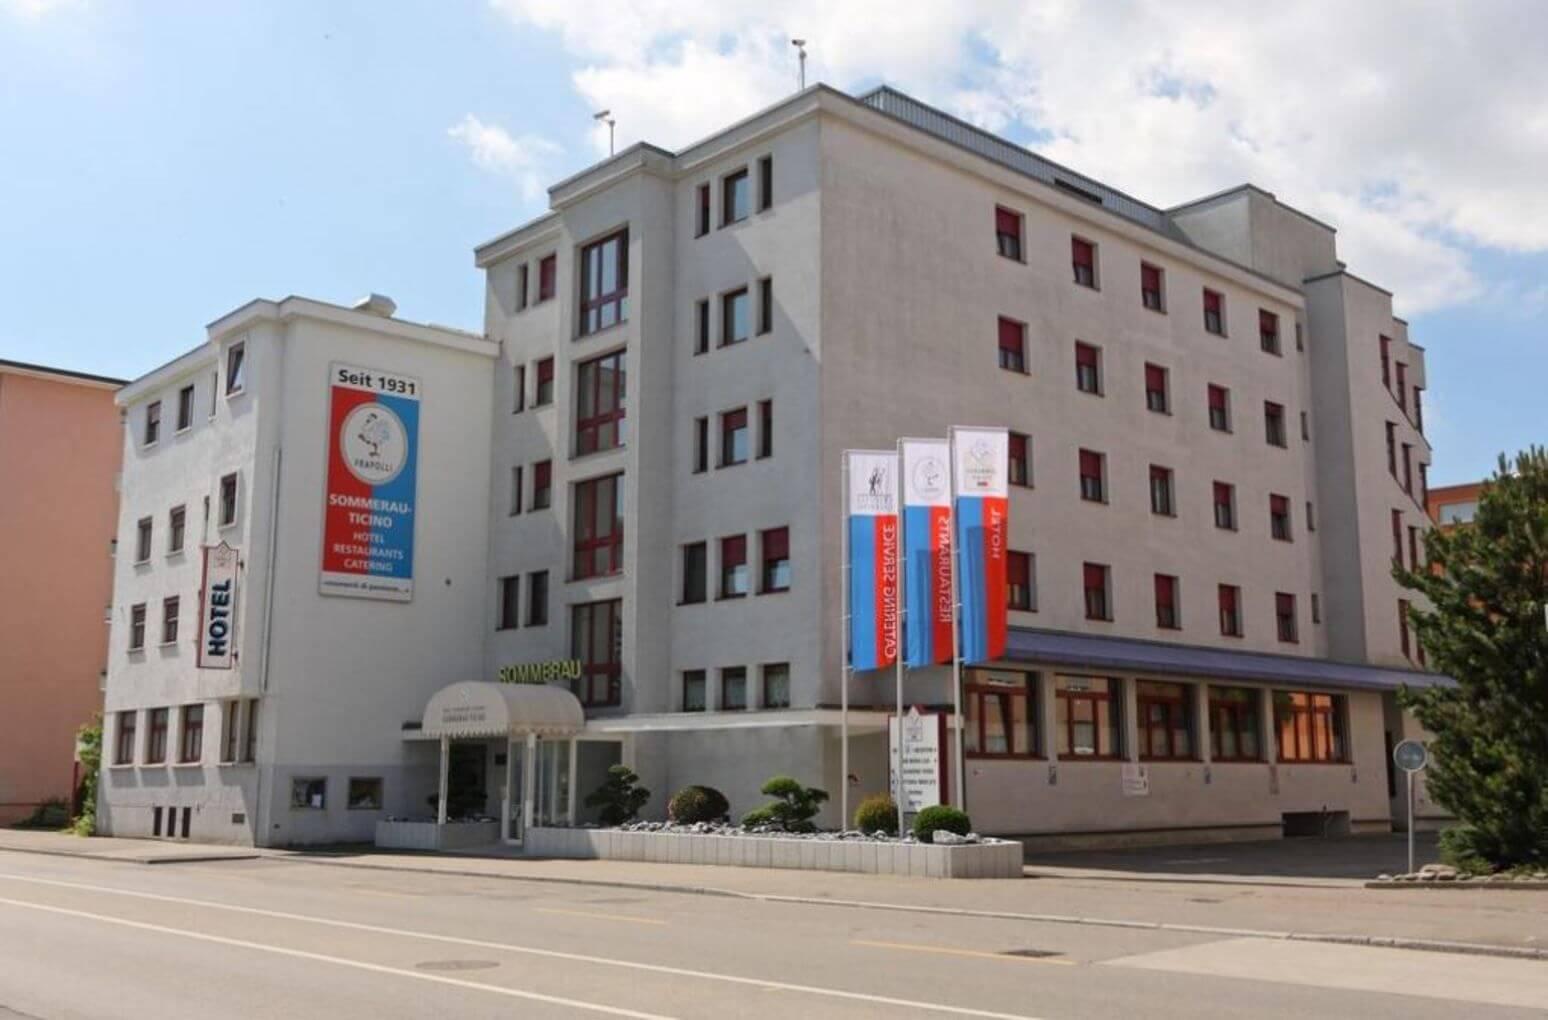 3-tage-im-hotel-sommerau-ticino-in-dietikon-zurich